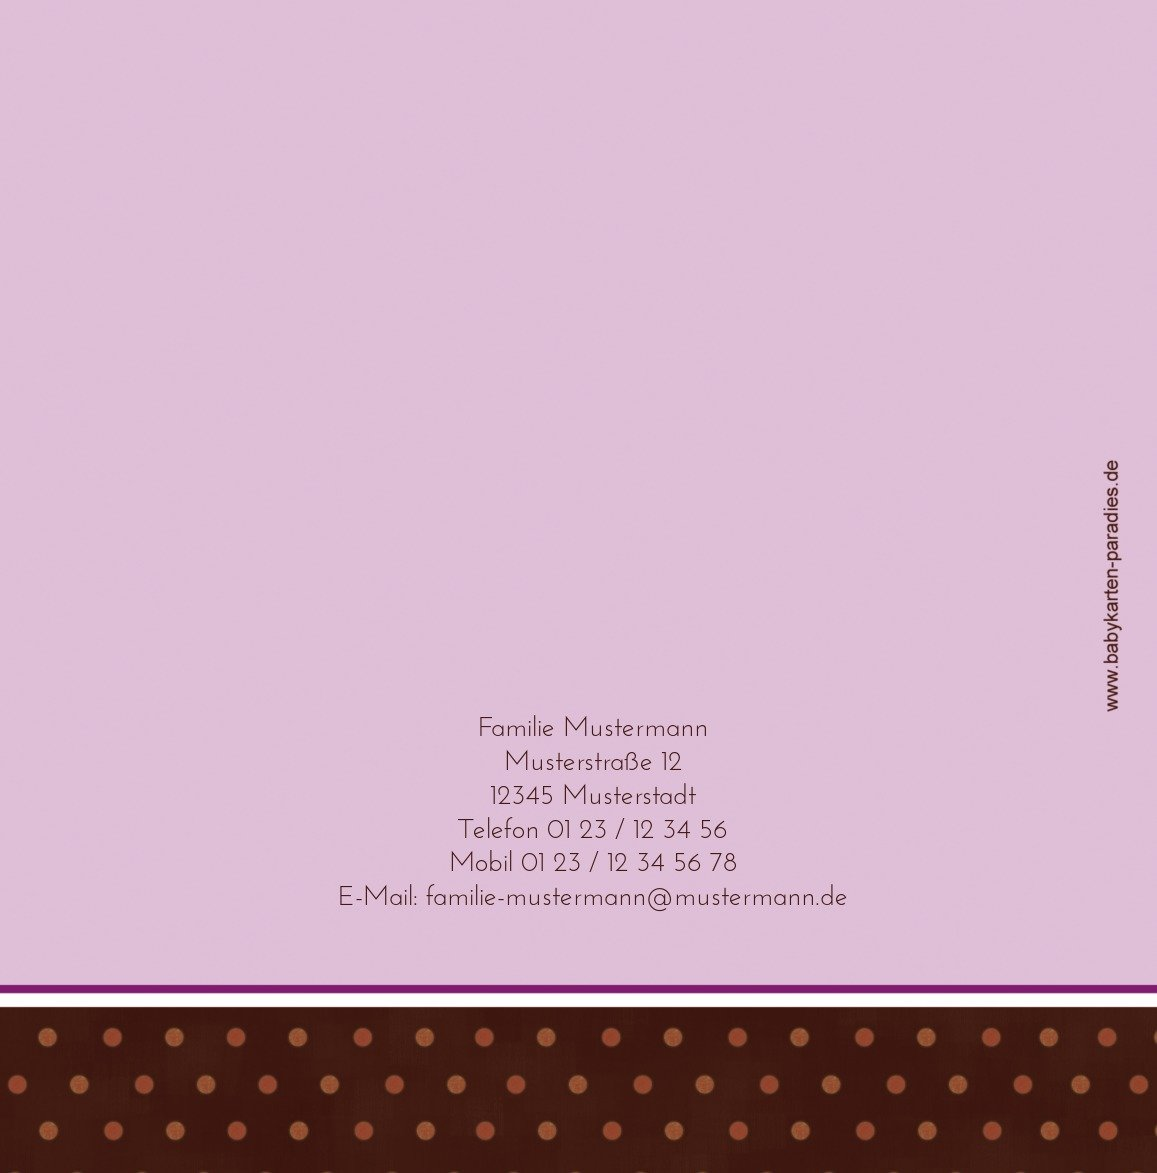 Kartenparadies Einladungskarte zur Kommunion Kommunionskarte Kreuzhostie, hochwertige Einladung als Kommunionskarte Kommunionskarte Kommunionskarte inklusive Umschläge   10 Karten - (Format  145x145 mm) Farbe  MattGrün B01MTF03PO | Guter weltweiter Ruf  | Starker Wert  | Cle c95fff